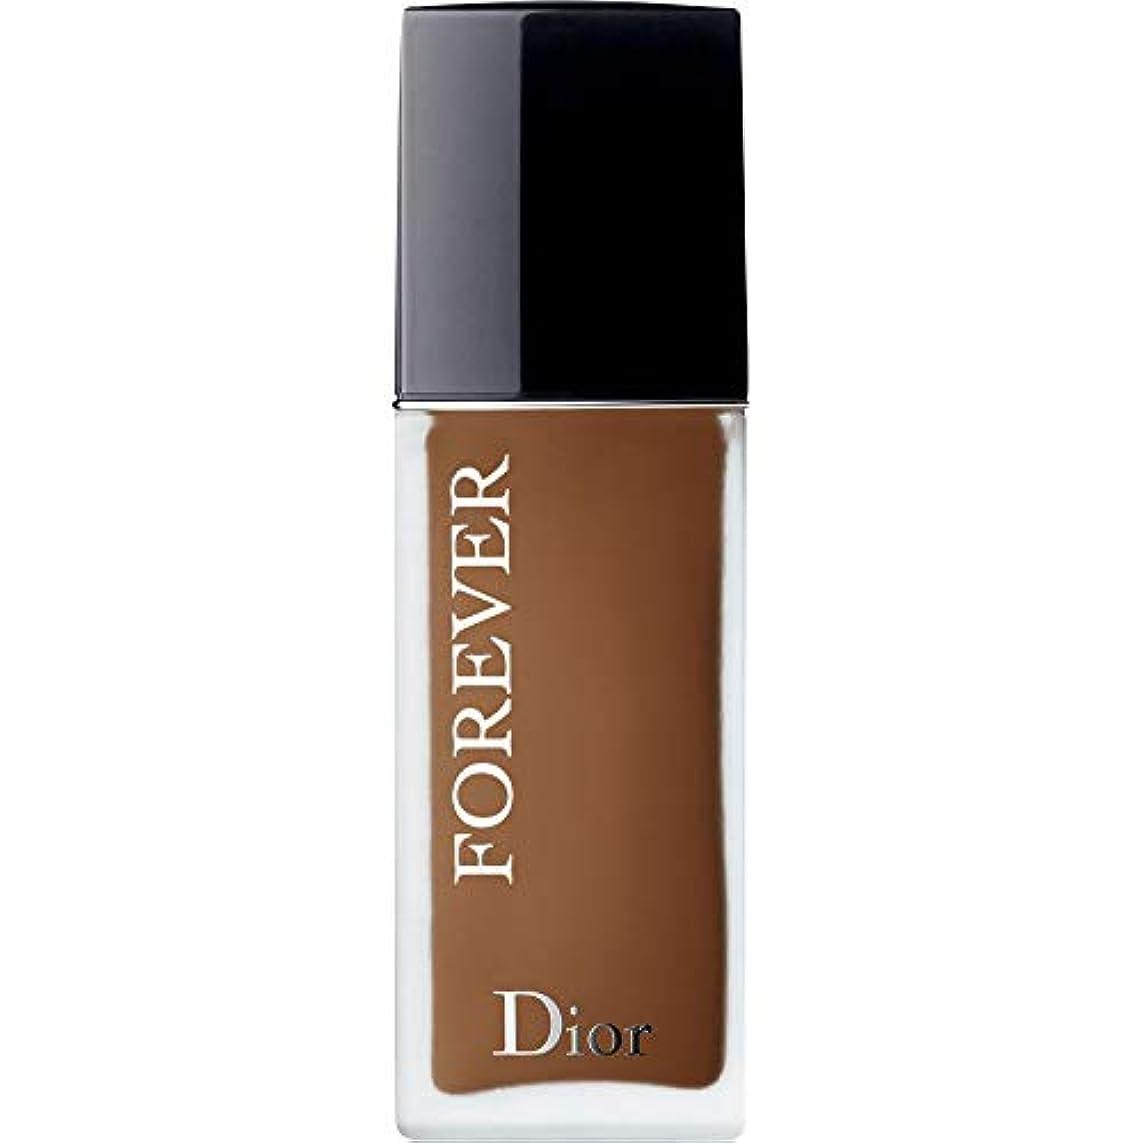 暗い最終的にラウズ[Dior ] ディオール永遠皮膚思いやりの基盤Spf35 30ミリリットルの7.5N - ニュートラル(つや消し) - DIOR Forever Skin-Caring Foundation SPF35 30ml 7.5N...